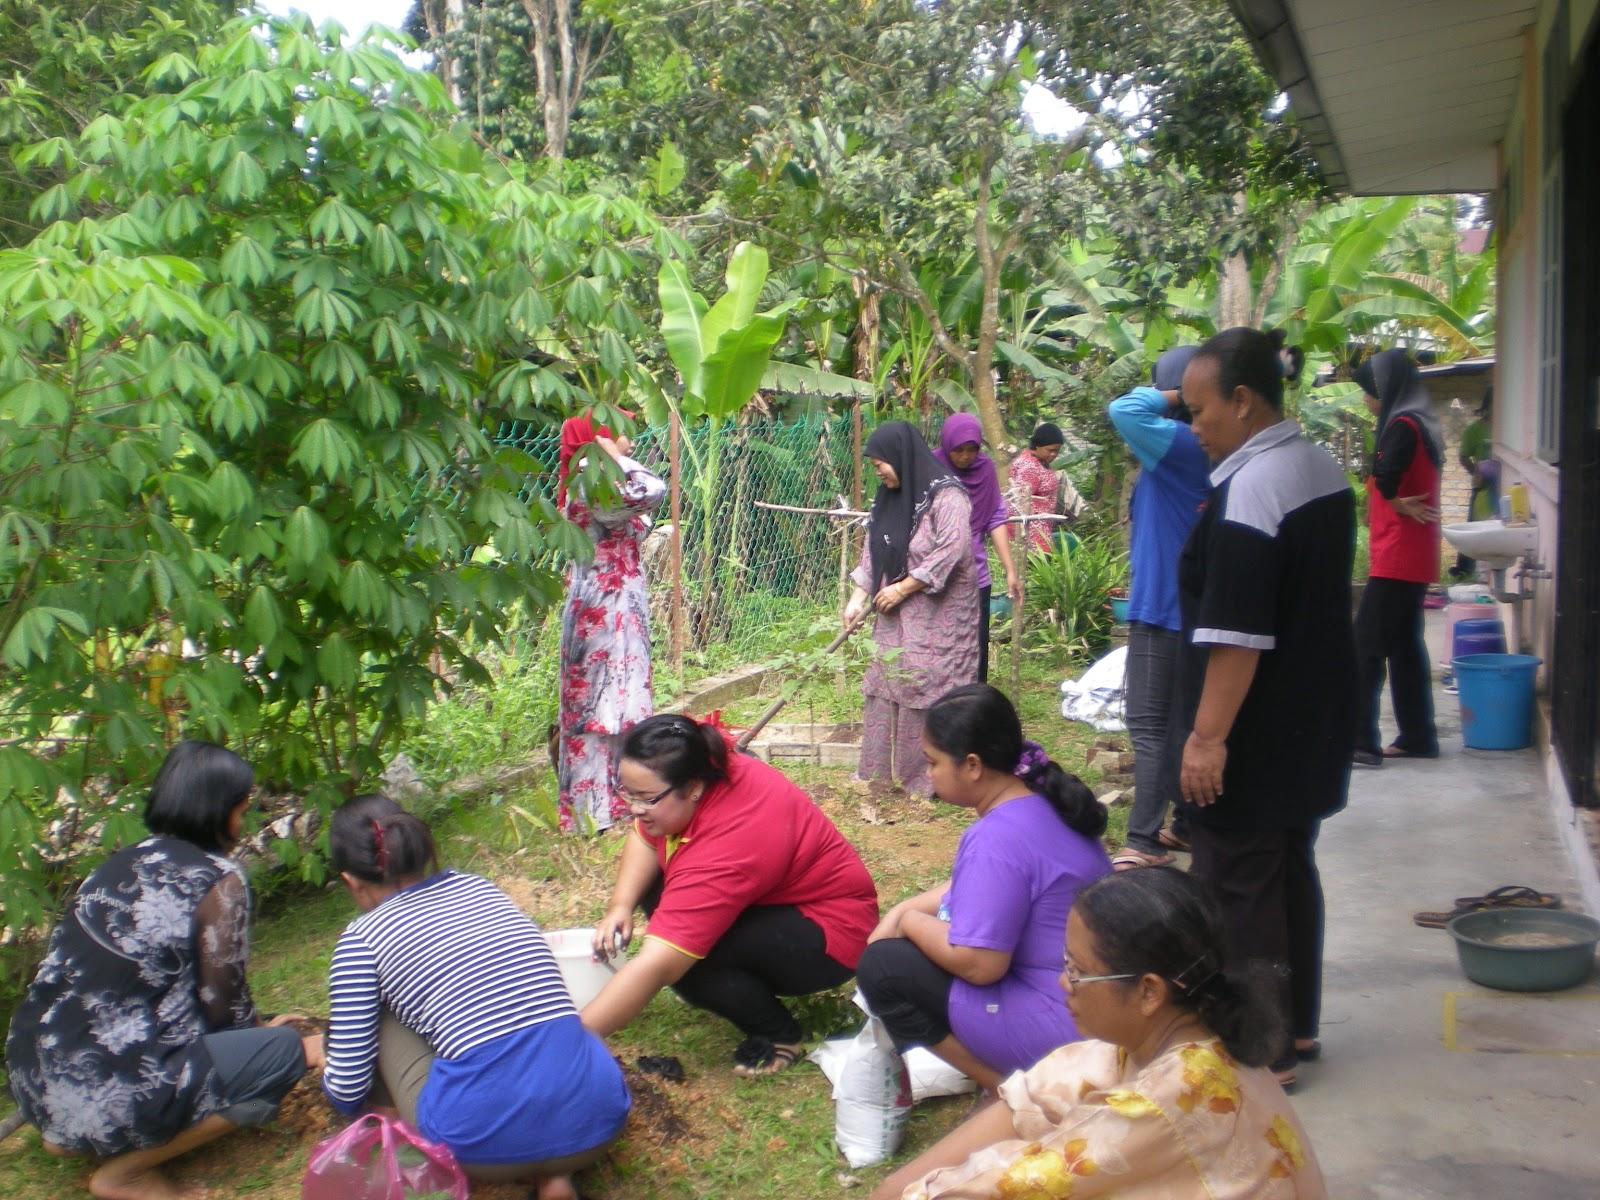 En Abd Wahab Amat Bangga Dengan Projek Yang Dijalankan Oleh Kemas Kuala Kangsar Dan Perlu Di Praktikkan Rumah Masing Kebun Dapur Merupakan